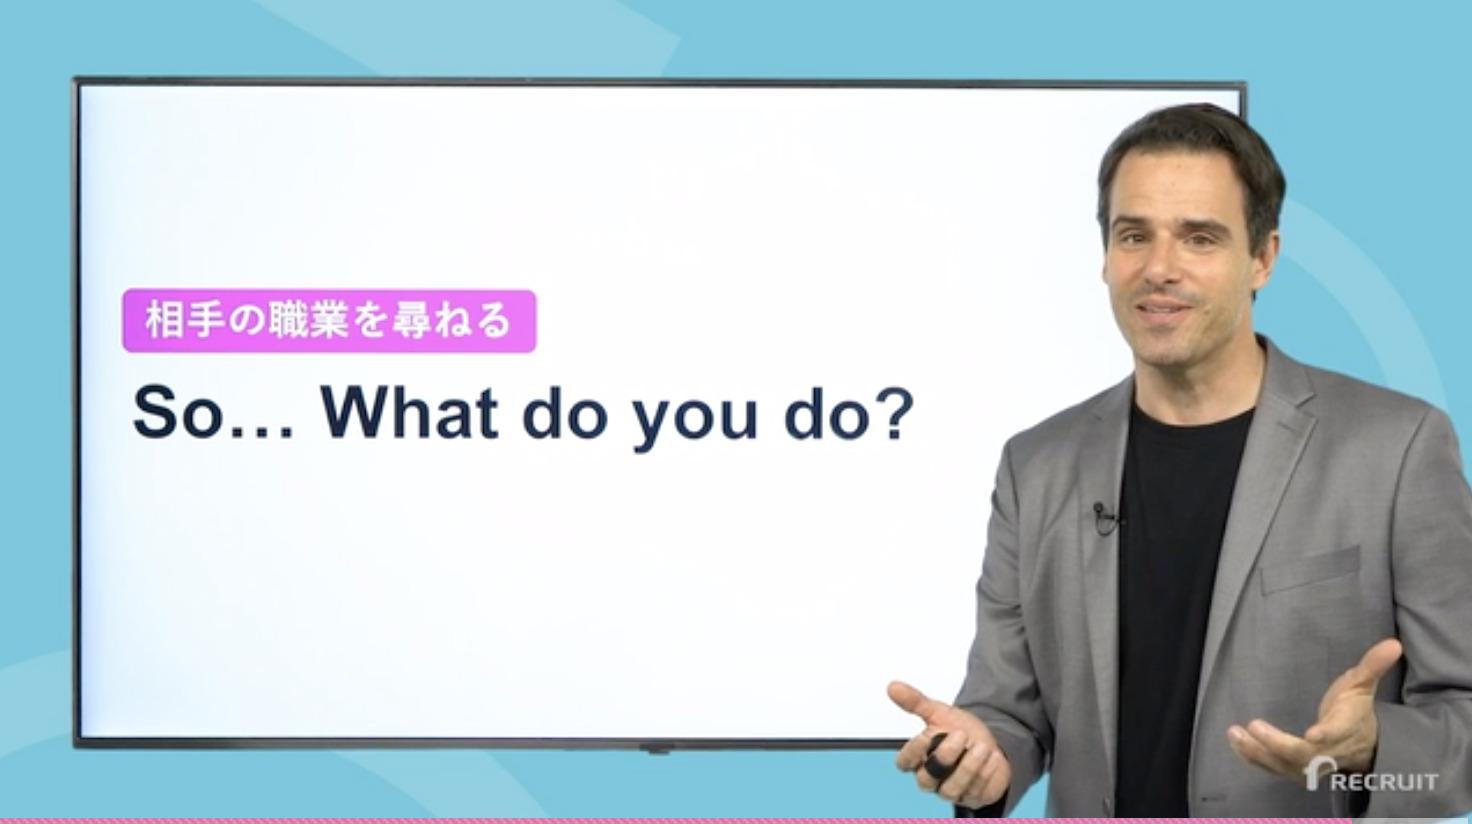 【レビュー3日目】スタサプ新日常英会話で、仕事に関する受け答え「What do you do?」を学びました